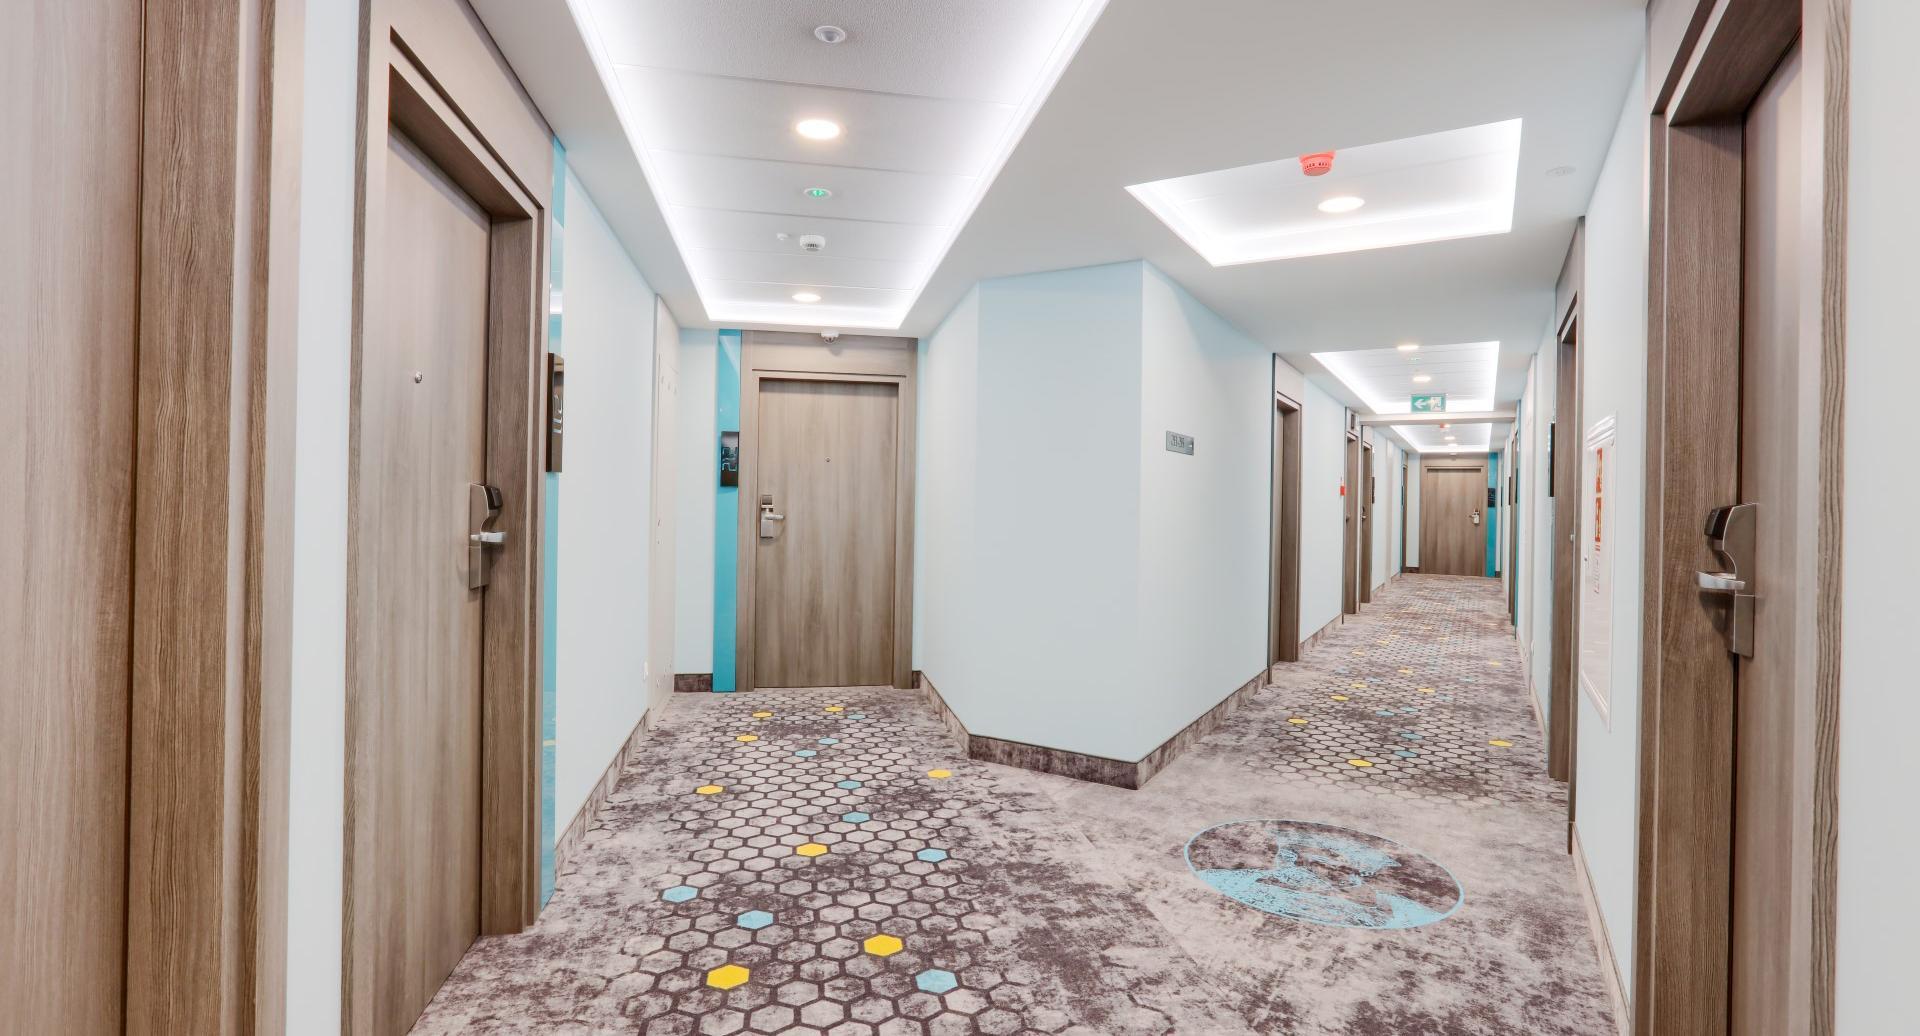 Pokoje Hotelowe Hotel Ibis Styles Nowy Sącz